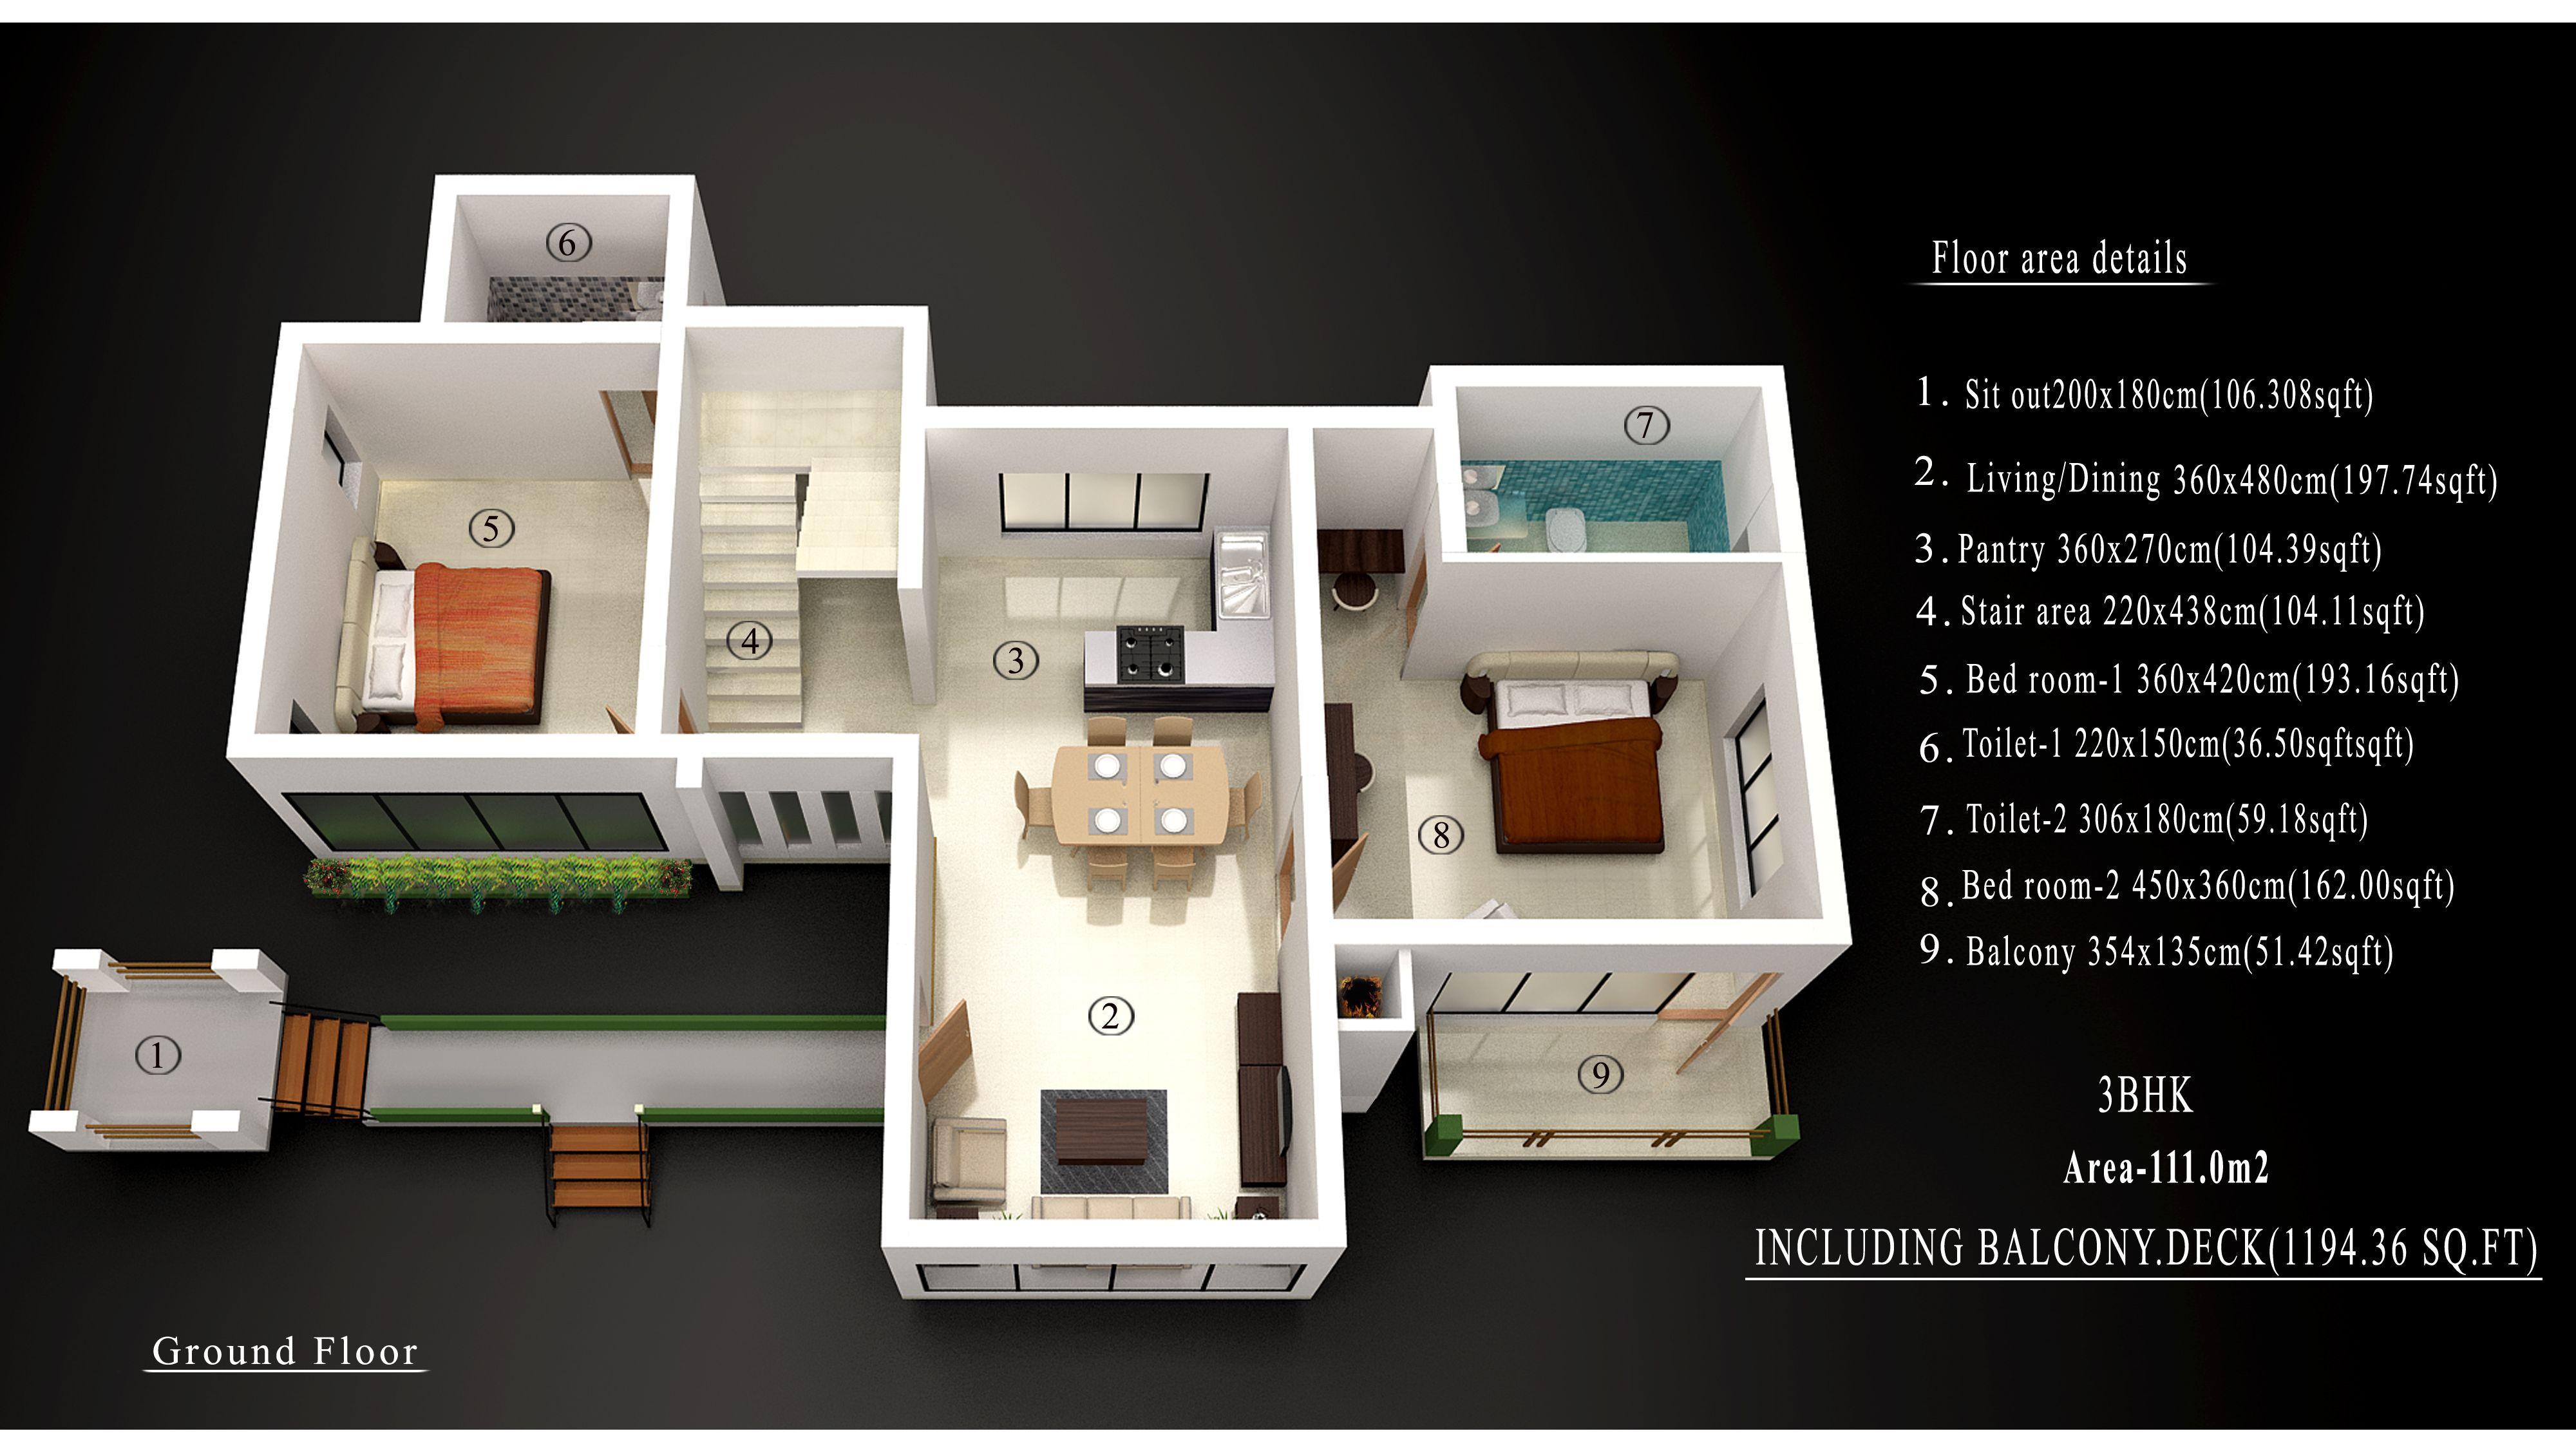 Brook Dale 3 Bhk Ground Floor Plan Cost Minimum 10 Cent Land Villa Rs 61 34 000 Holiday Village Ground Floor Plan Villa